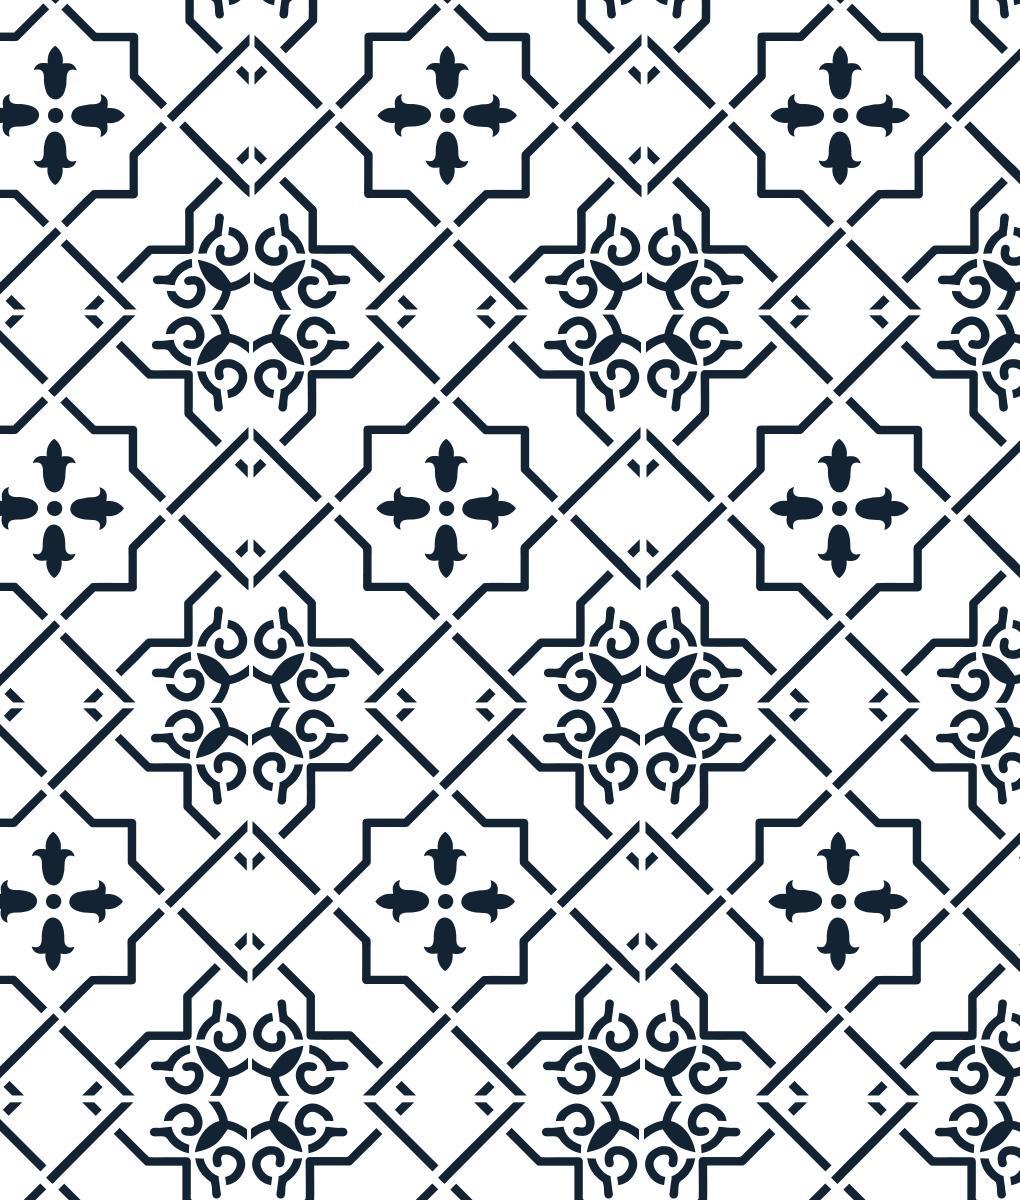 Šablóny - obkladačkové vzory 👍👍👍 - Obrázok č. 61